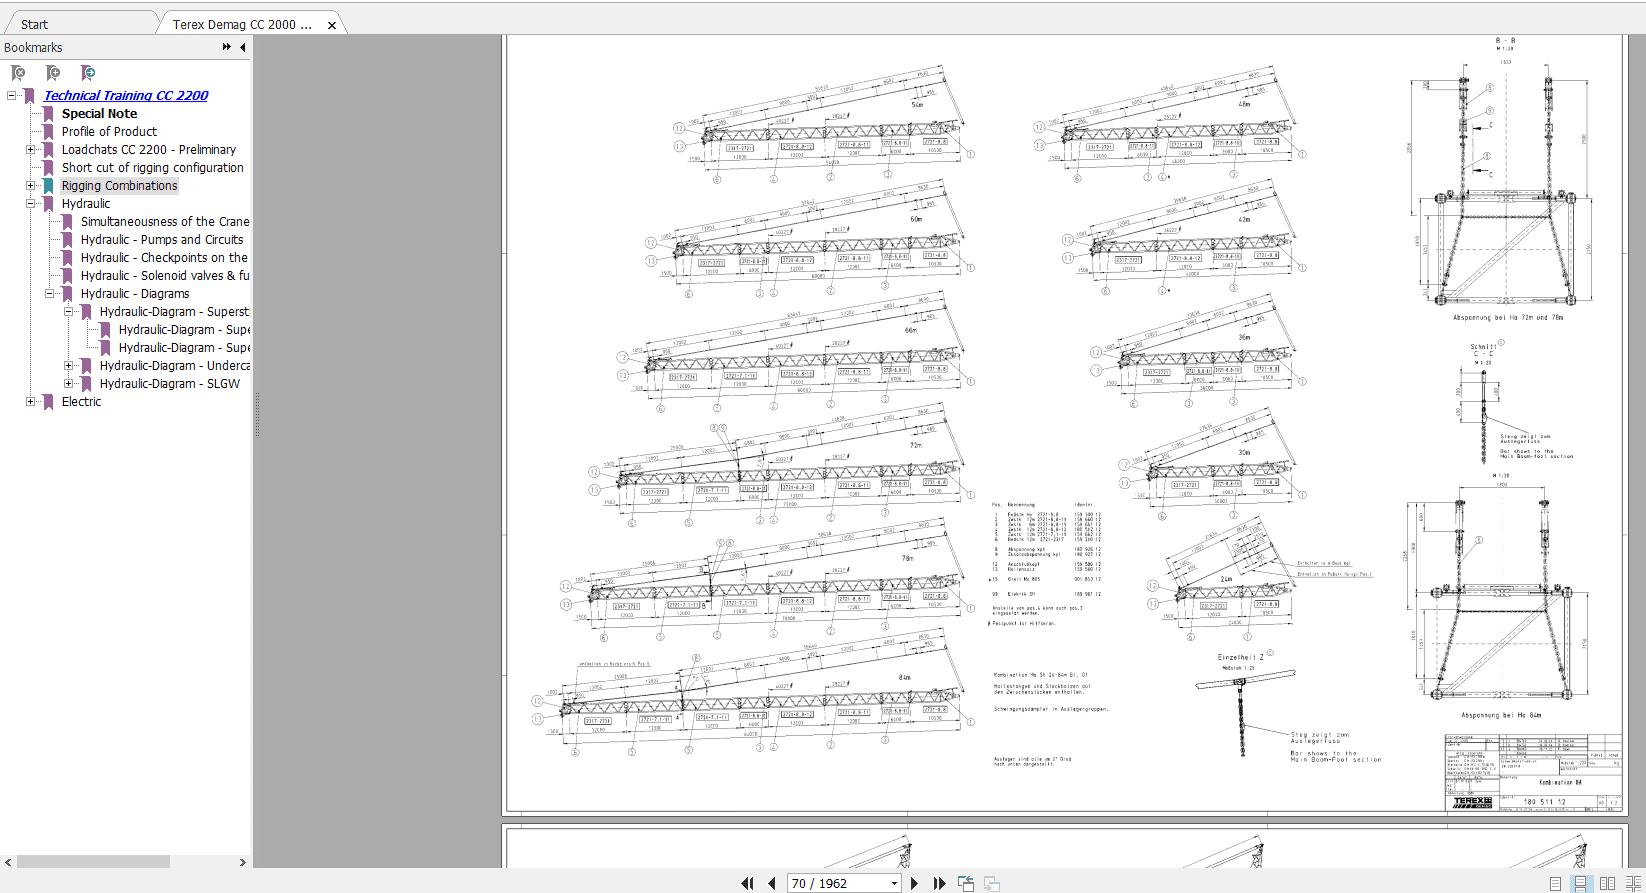 Terex_Demag_CC_2000_Crawler_Crane_Technical_Service_ManualVer10_2